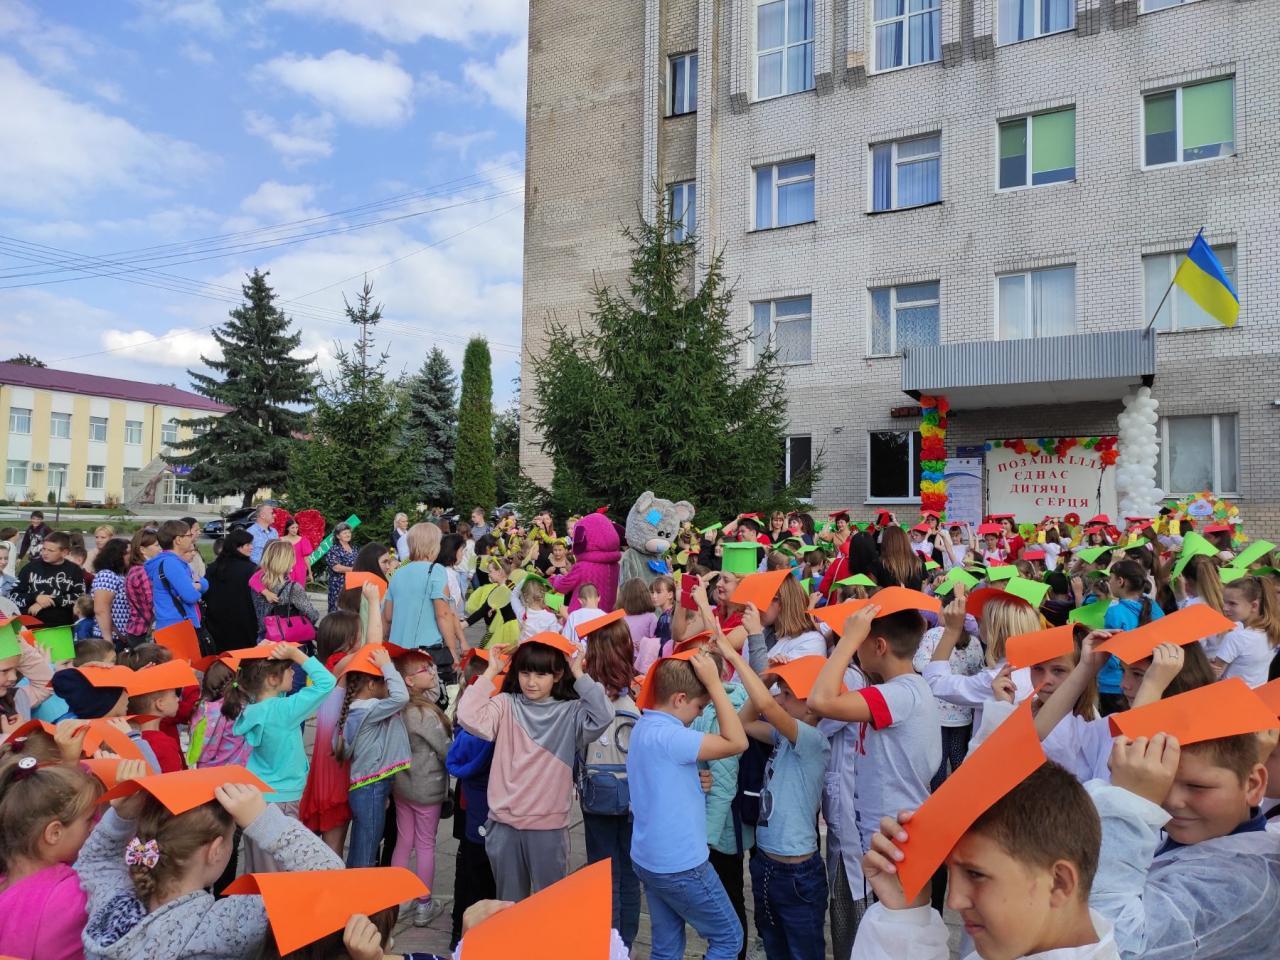 http://dunrada.gov.ua/uploadfile/archive_news/2021/09/16/2021-09-16_2545/images/images-77891.jpg